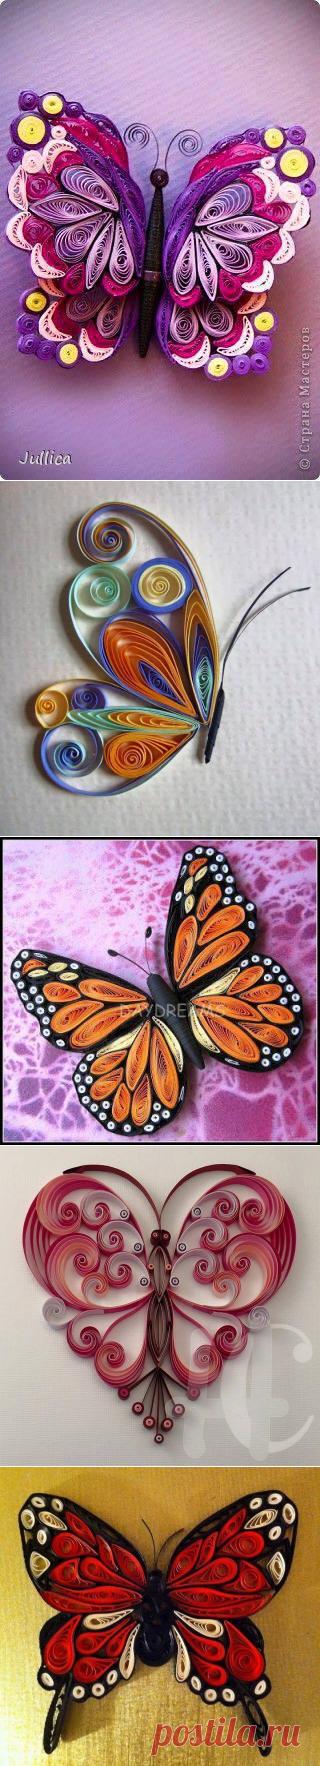 Бабочки в технике квиллинг — Сделай сам, идеи для творчества - DIY Ideas